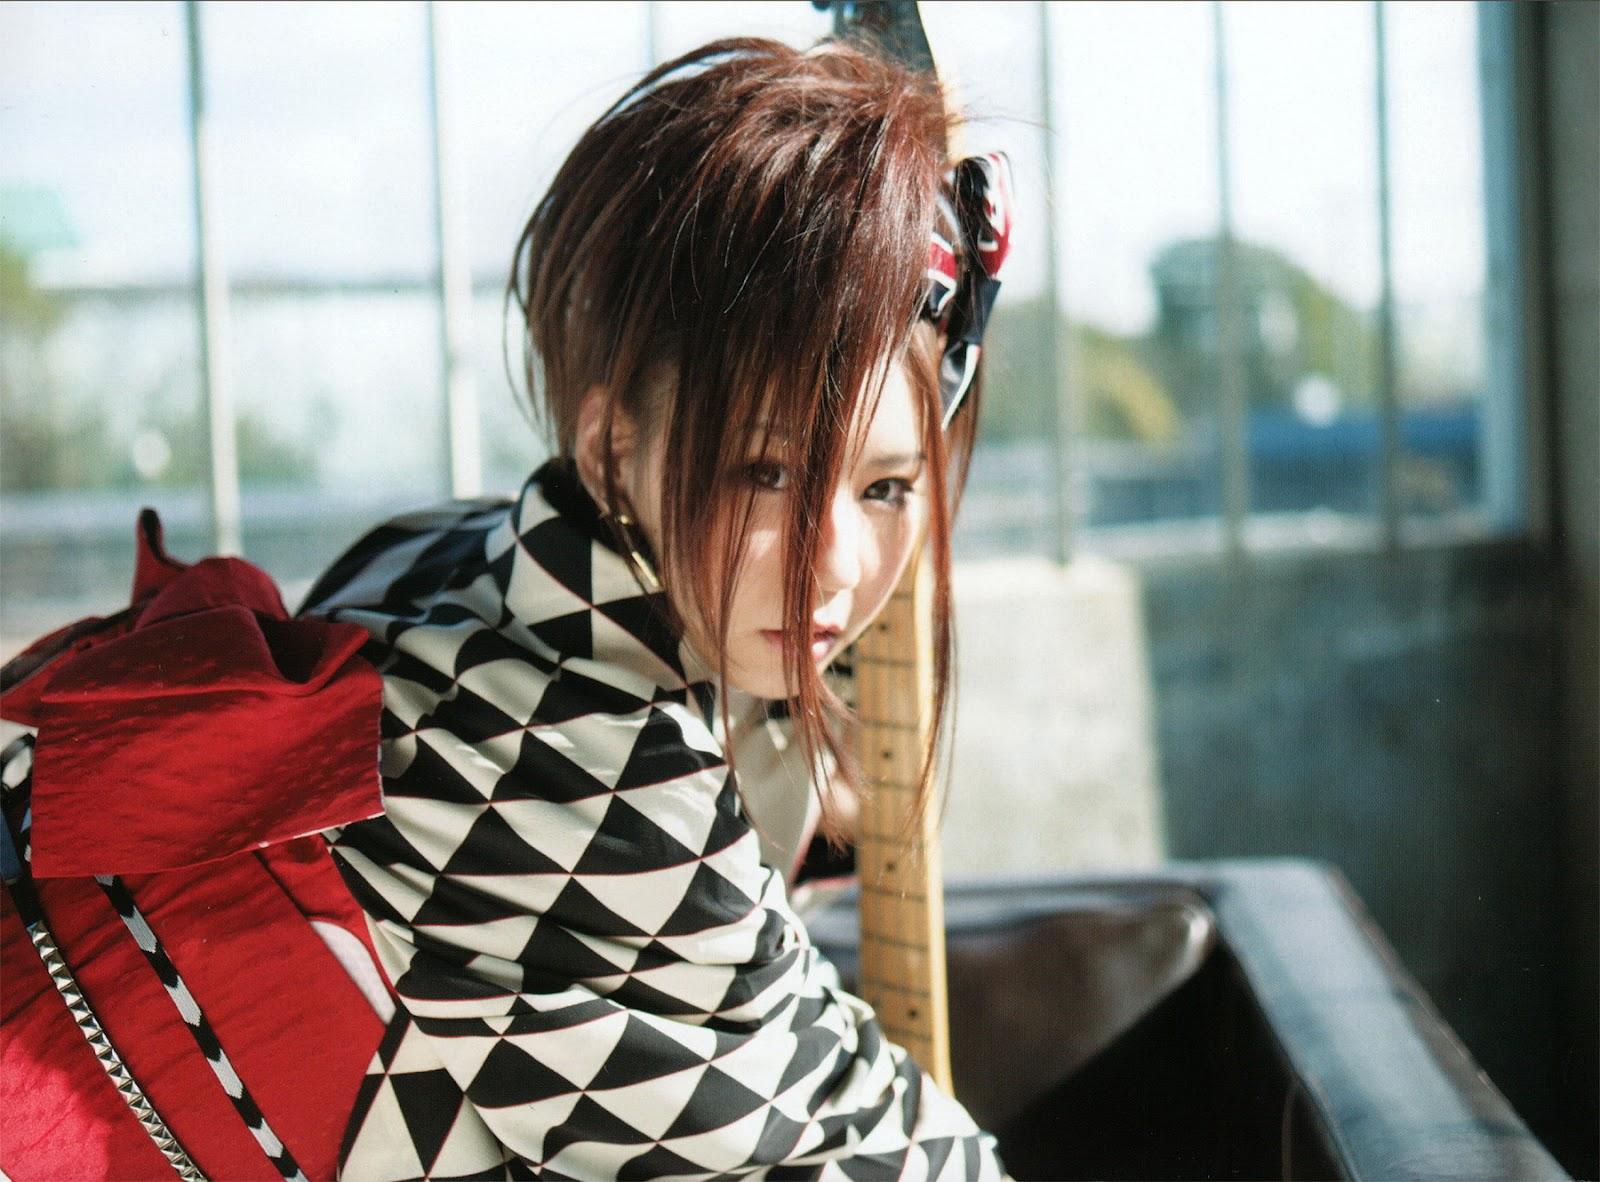 Tomomi SCANDAL Show PB 1 [HD] SCANDAL JAPAN BAND WALLPAPER 1600x1182